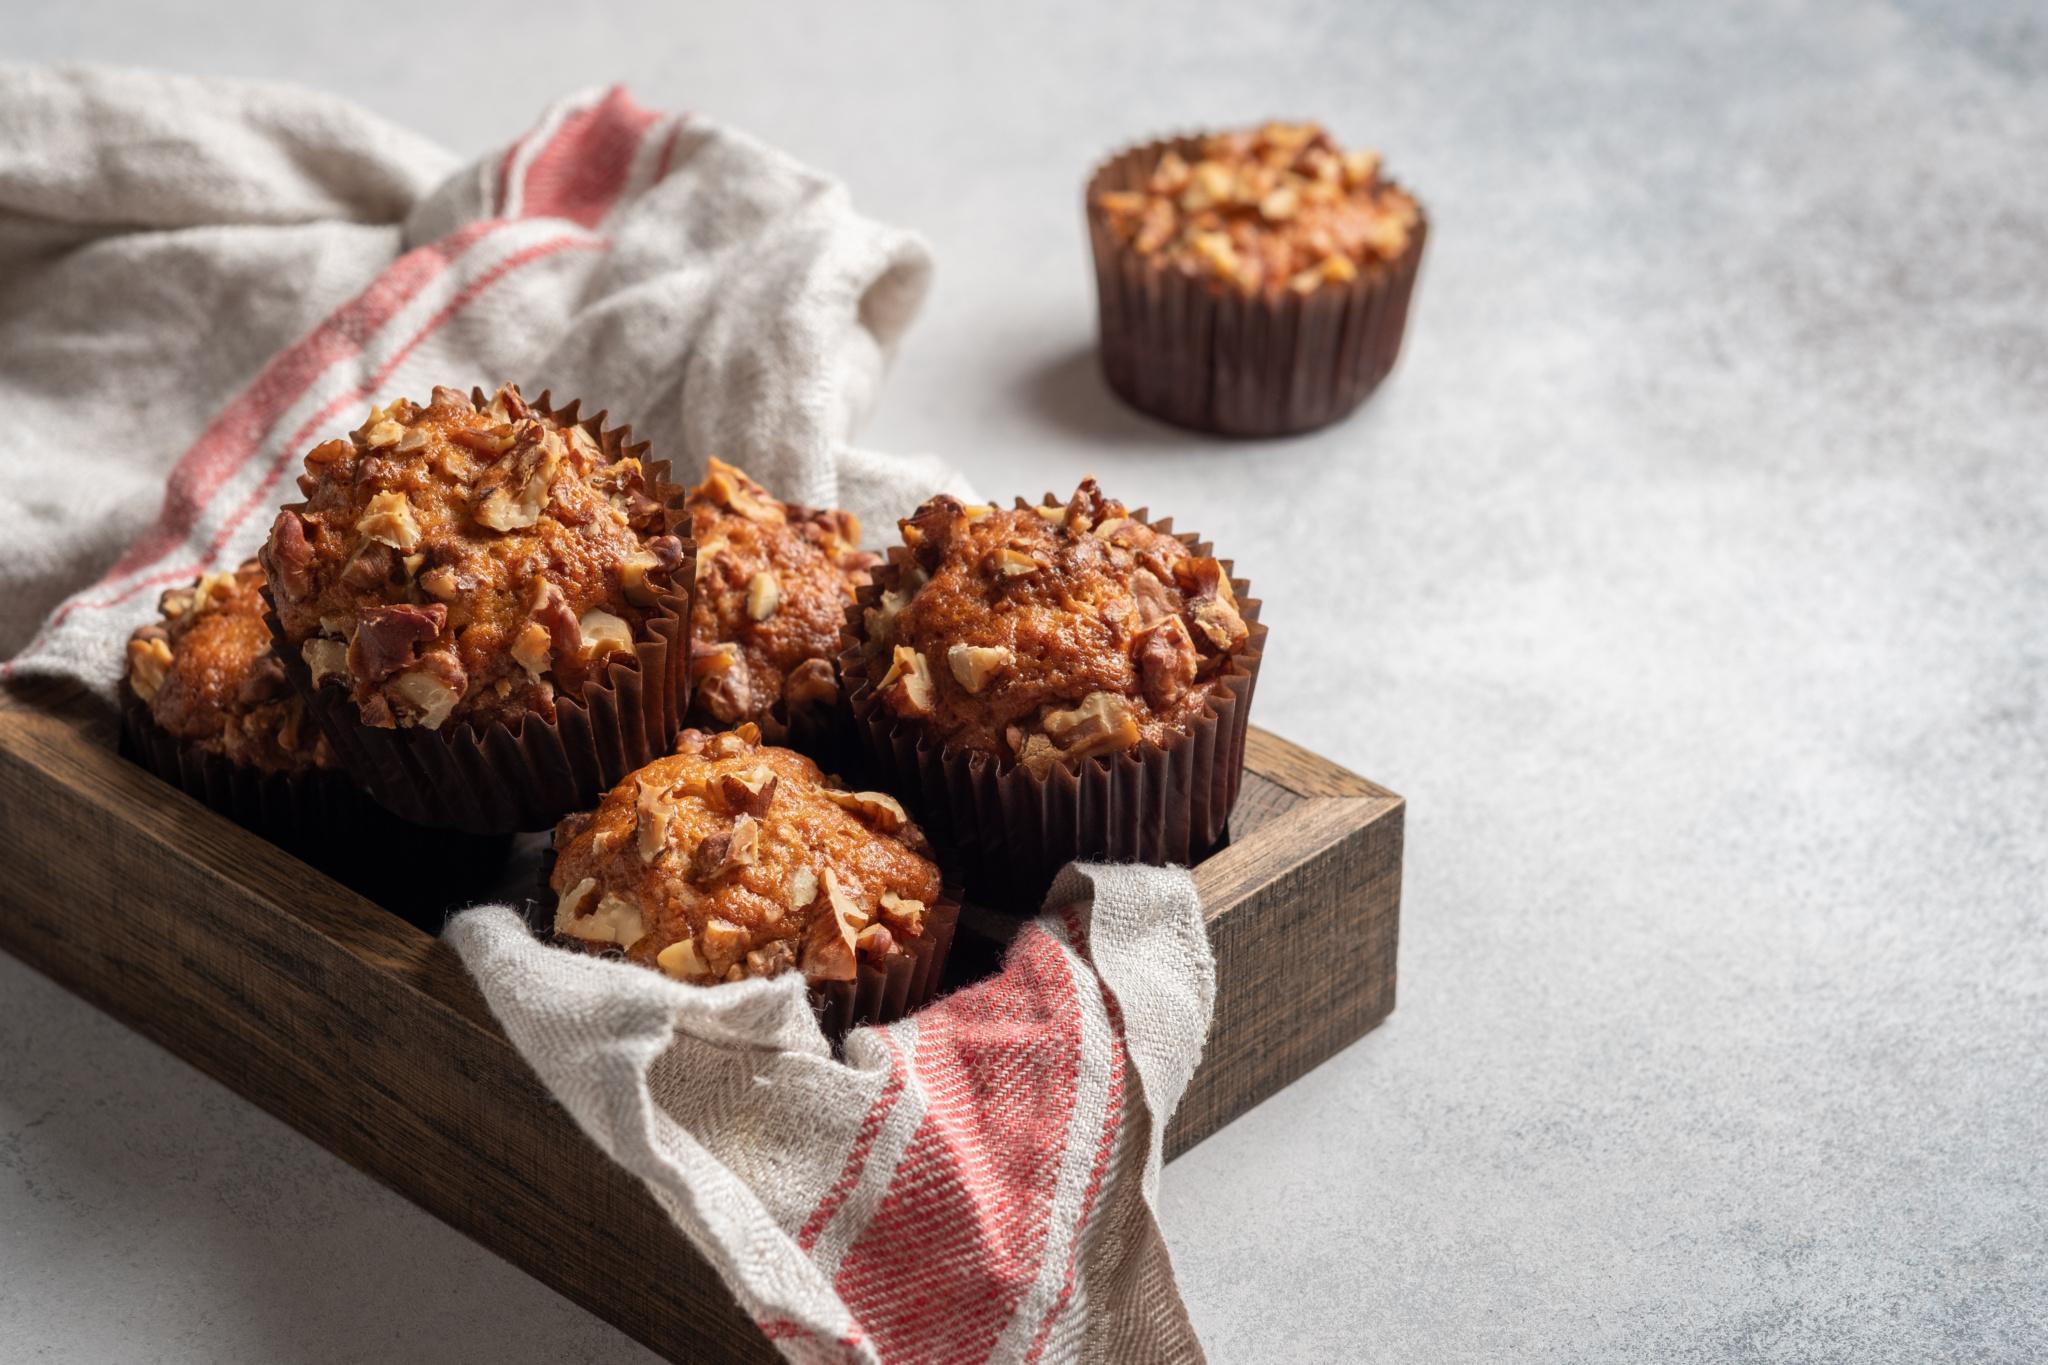 Шоколадные пирожные с арахисом, миндалем и грецким орехом